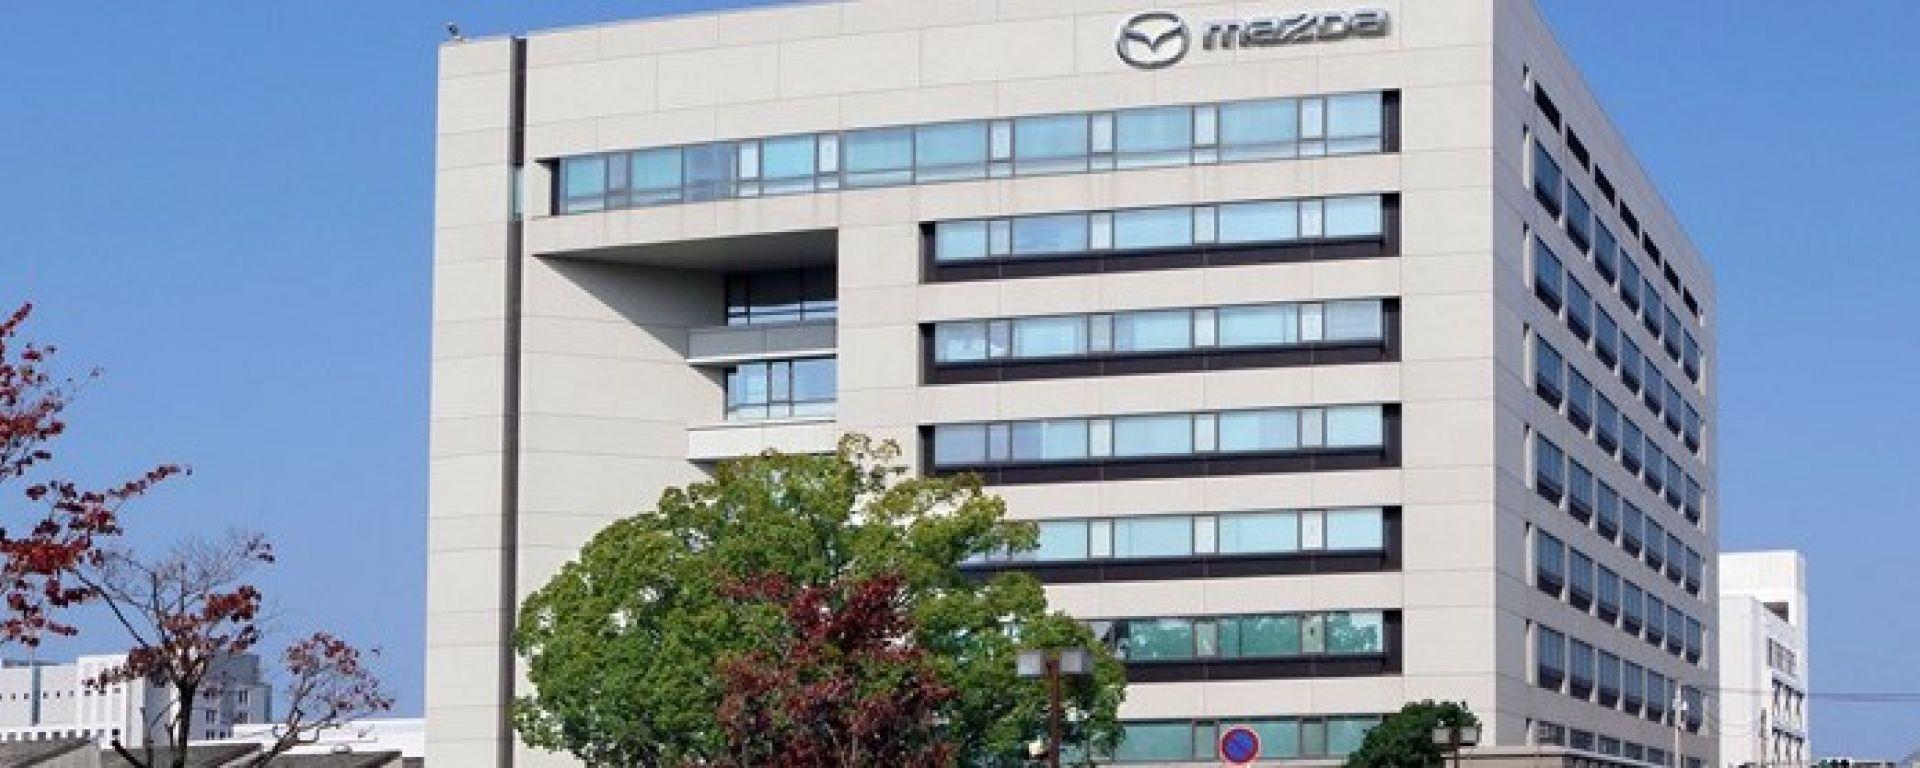 Mazda: nel 2019 i motori con tecnologia Skyactiv-X e poi gli elettrici